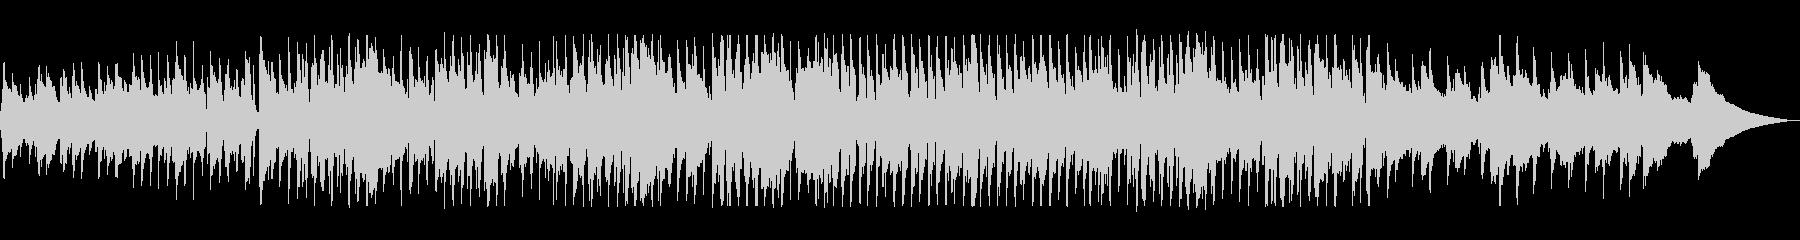 口笛とウクレレのアコースティックポップの未再生の波形